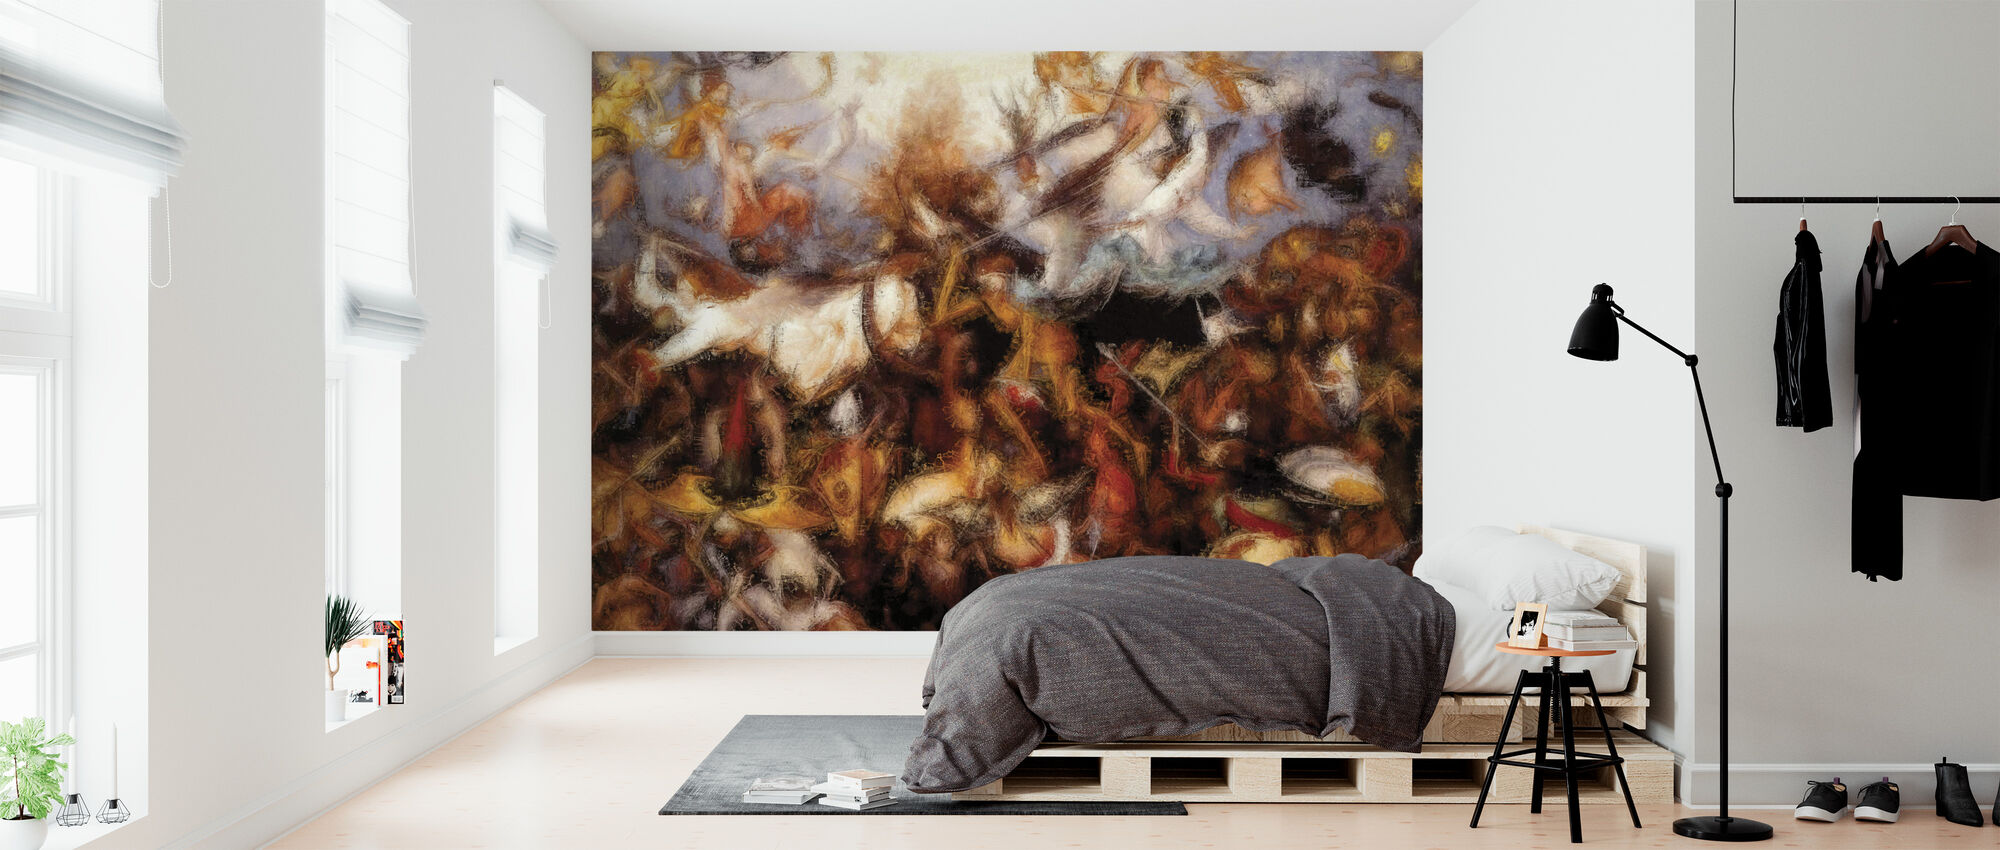 Rebel Angels - Wallpaper - Bedroom